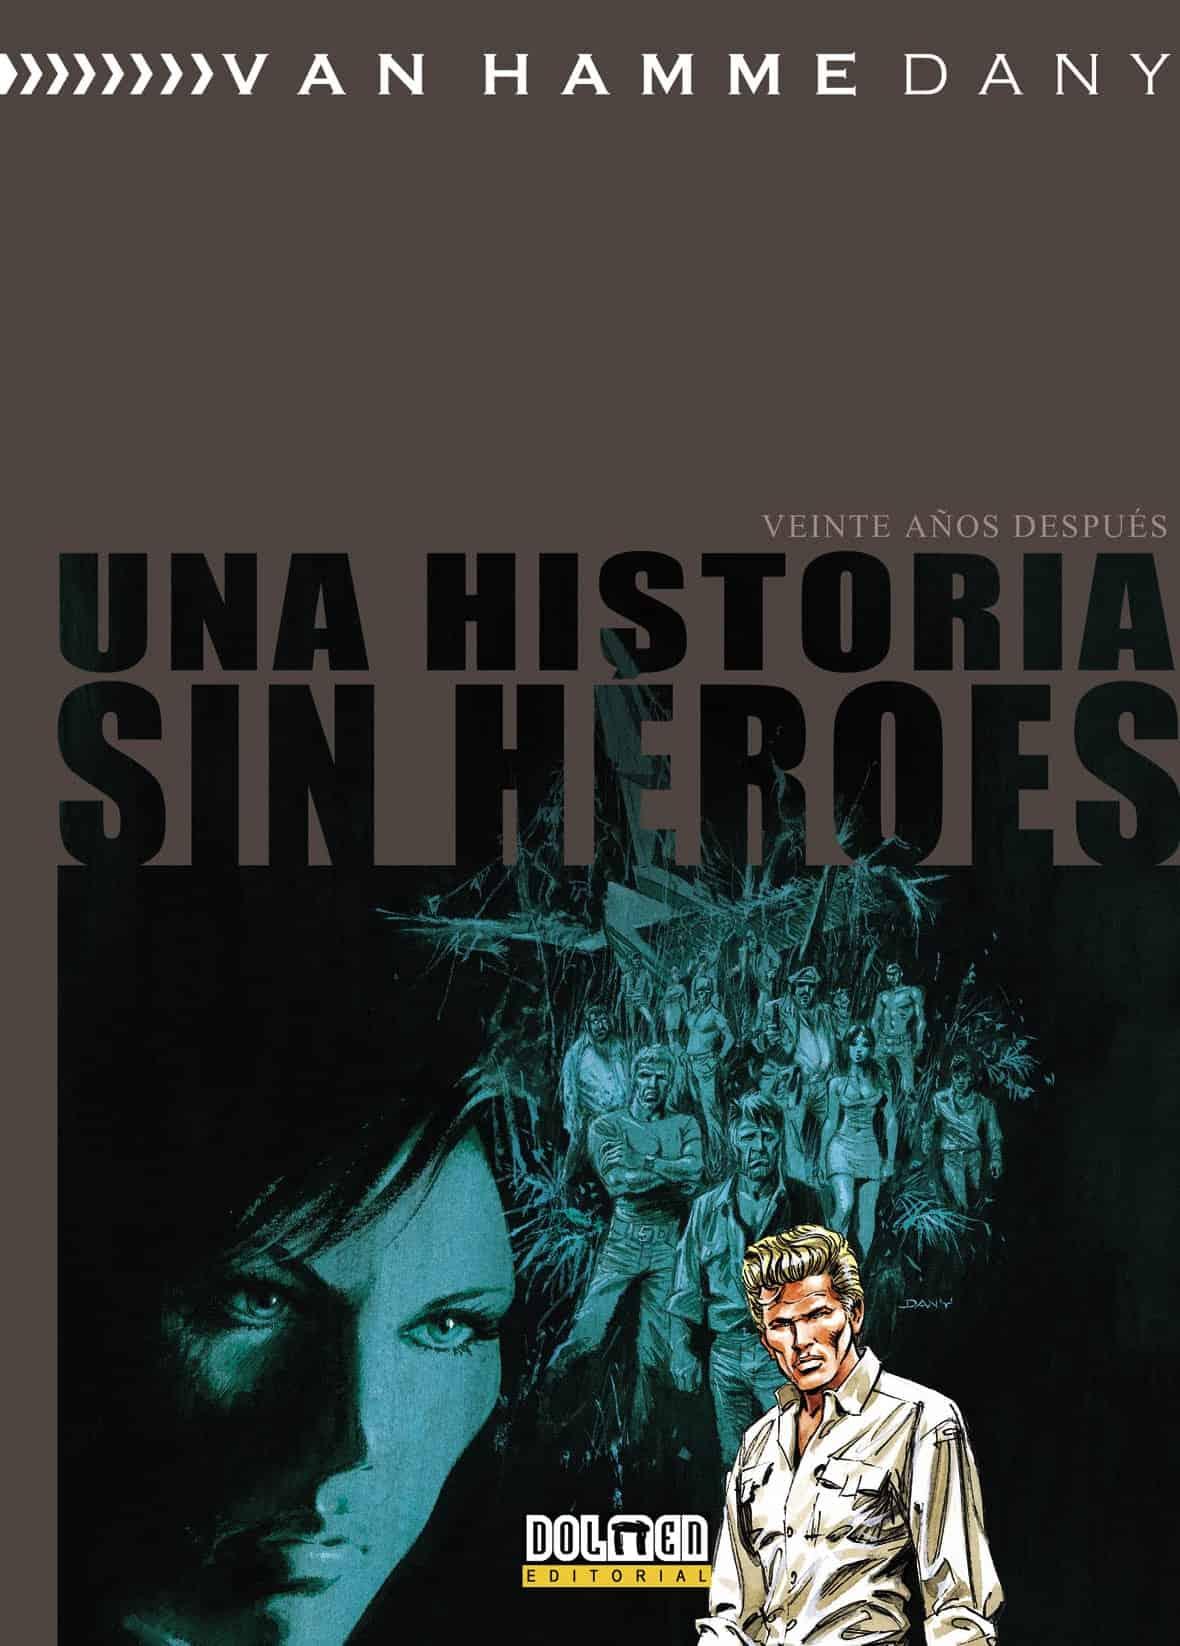 UNA HISTORIA SIN HEROES. VEINTE AÑOS DESPUES